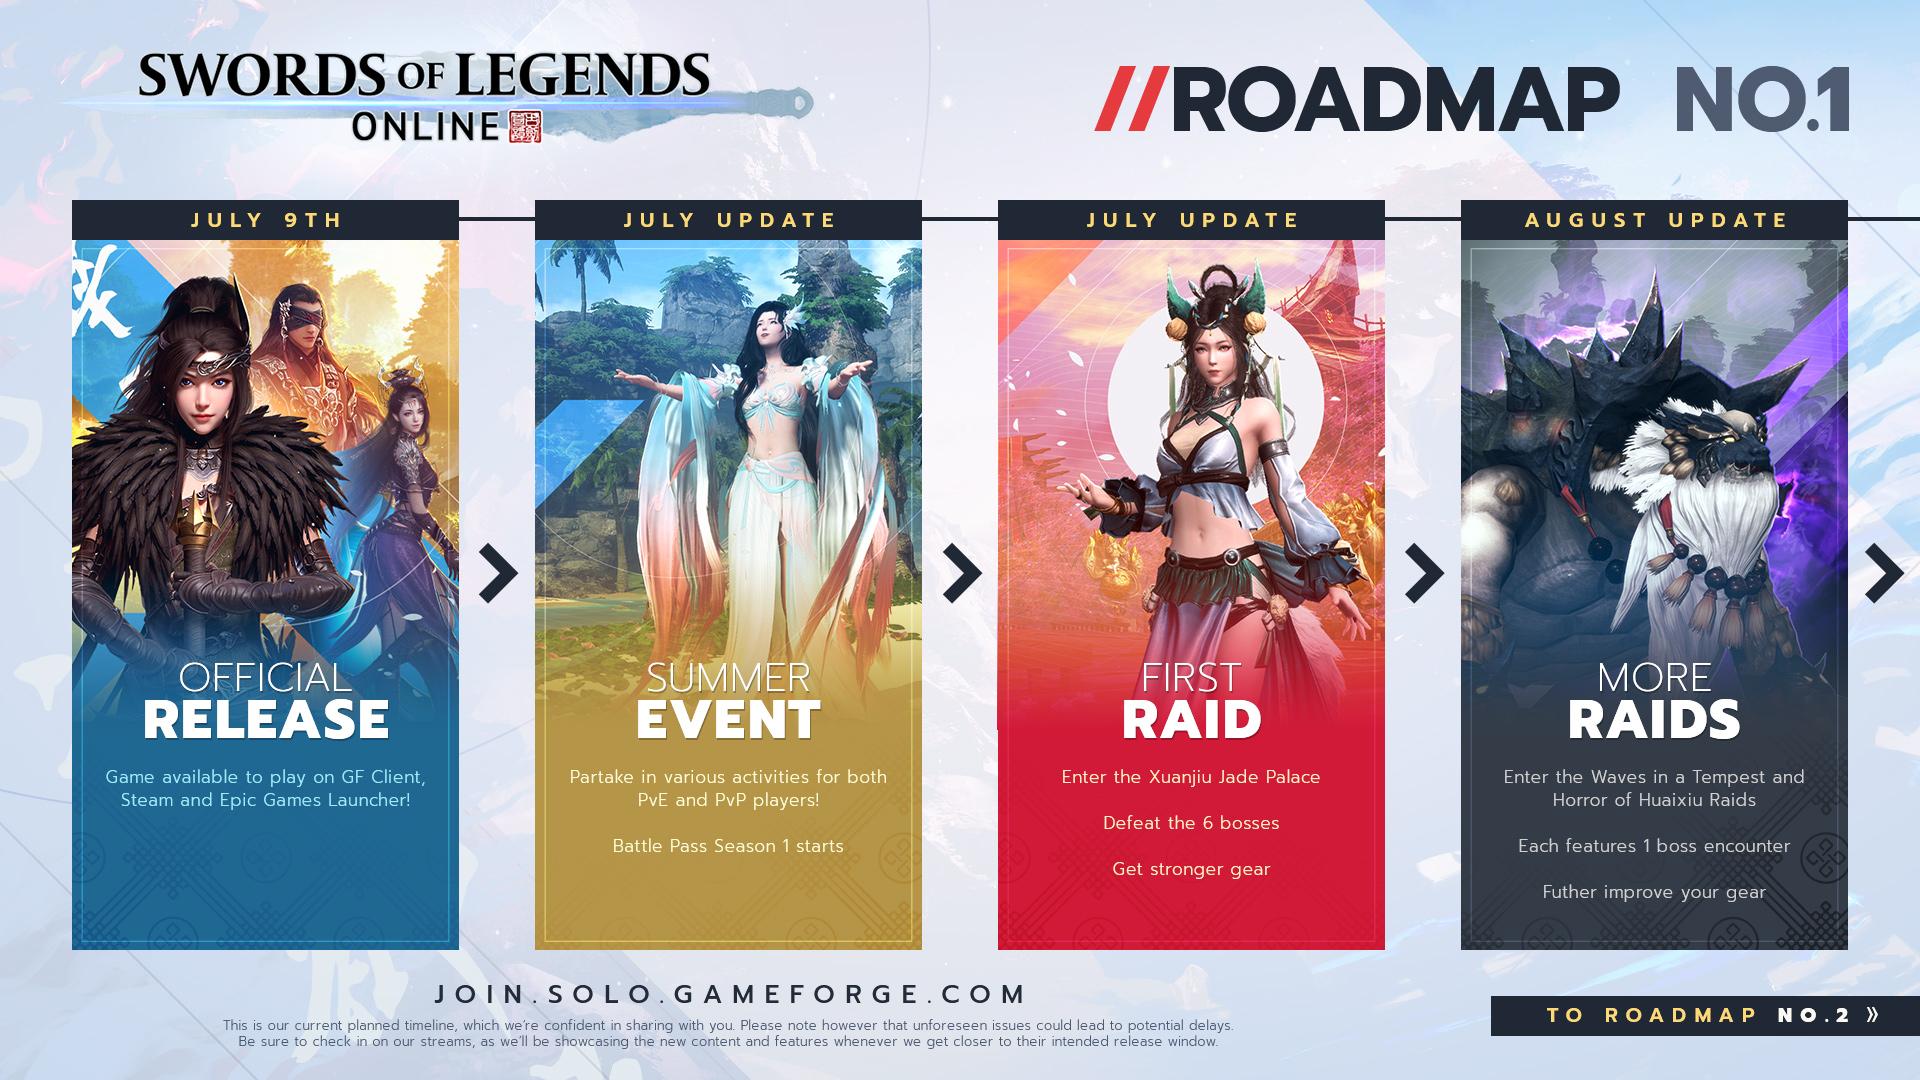 Swords of Legends Online recensione Swords of Legends Online roadmap Swords of Legends recensione